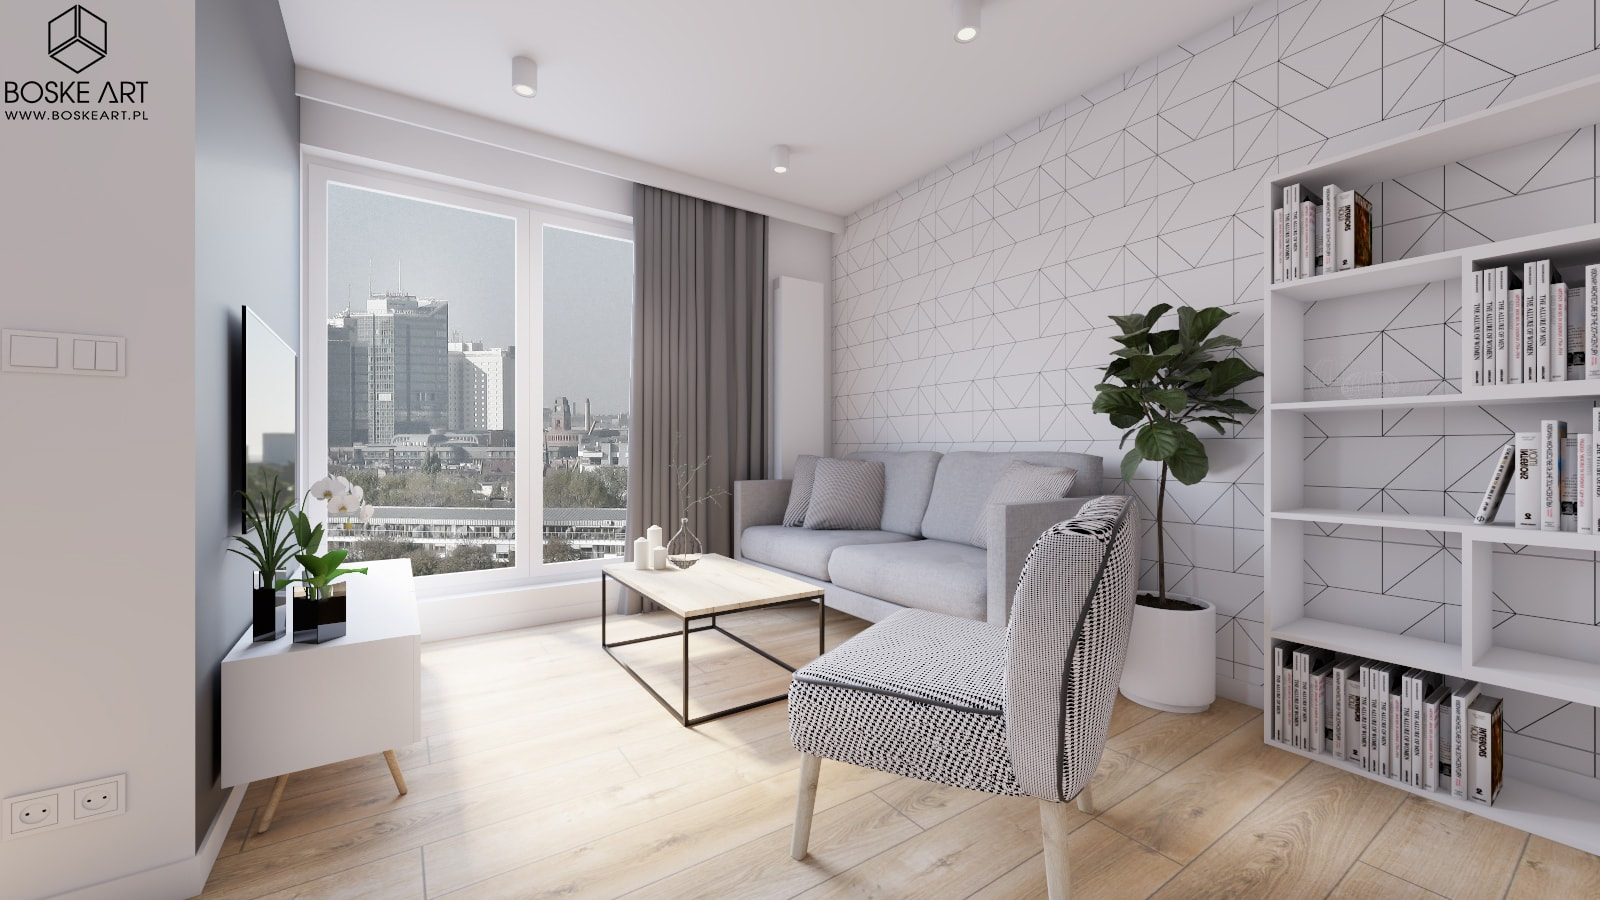 5_projekt_apartamentu_kawalerki_poznan_boske_art_projektowanie_wnetrz_aranzacja_natalia_robaszkiewicz-min